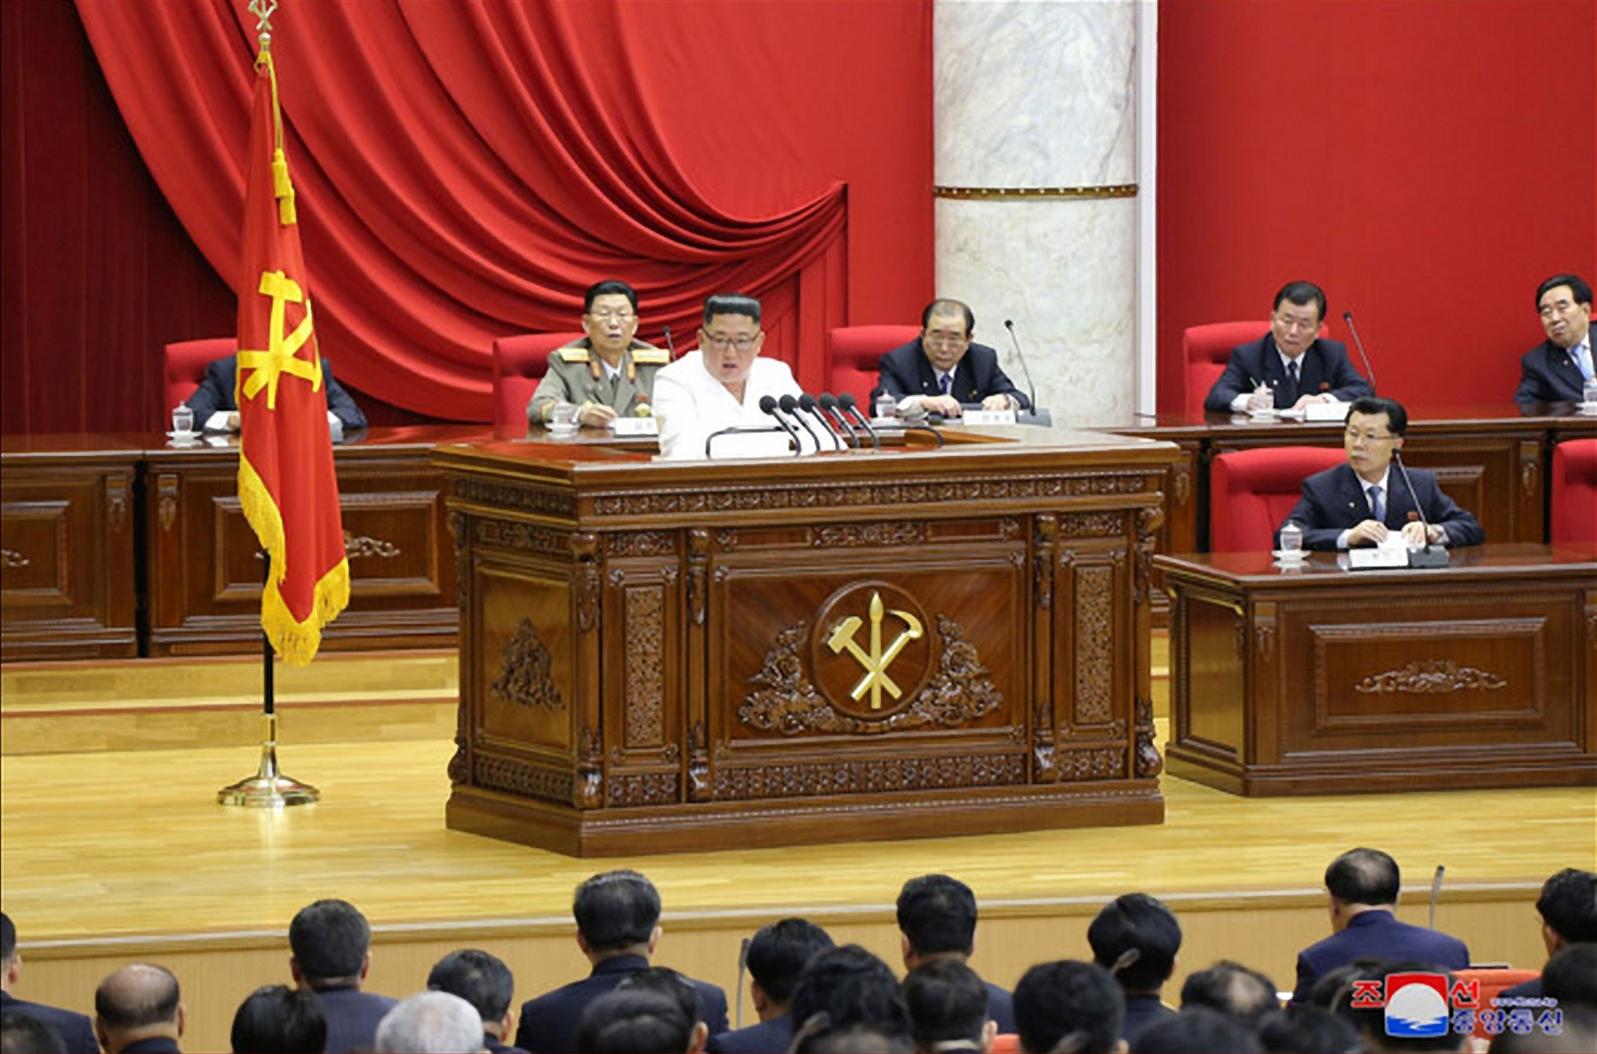 지난달 29일 이틀째 진행된 북한 노동당 제7기 5차 전원회의. [연합뉴스]